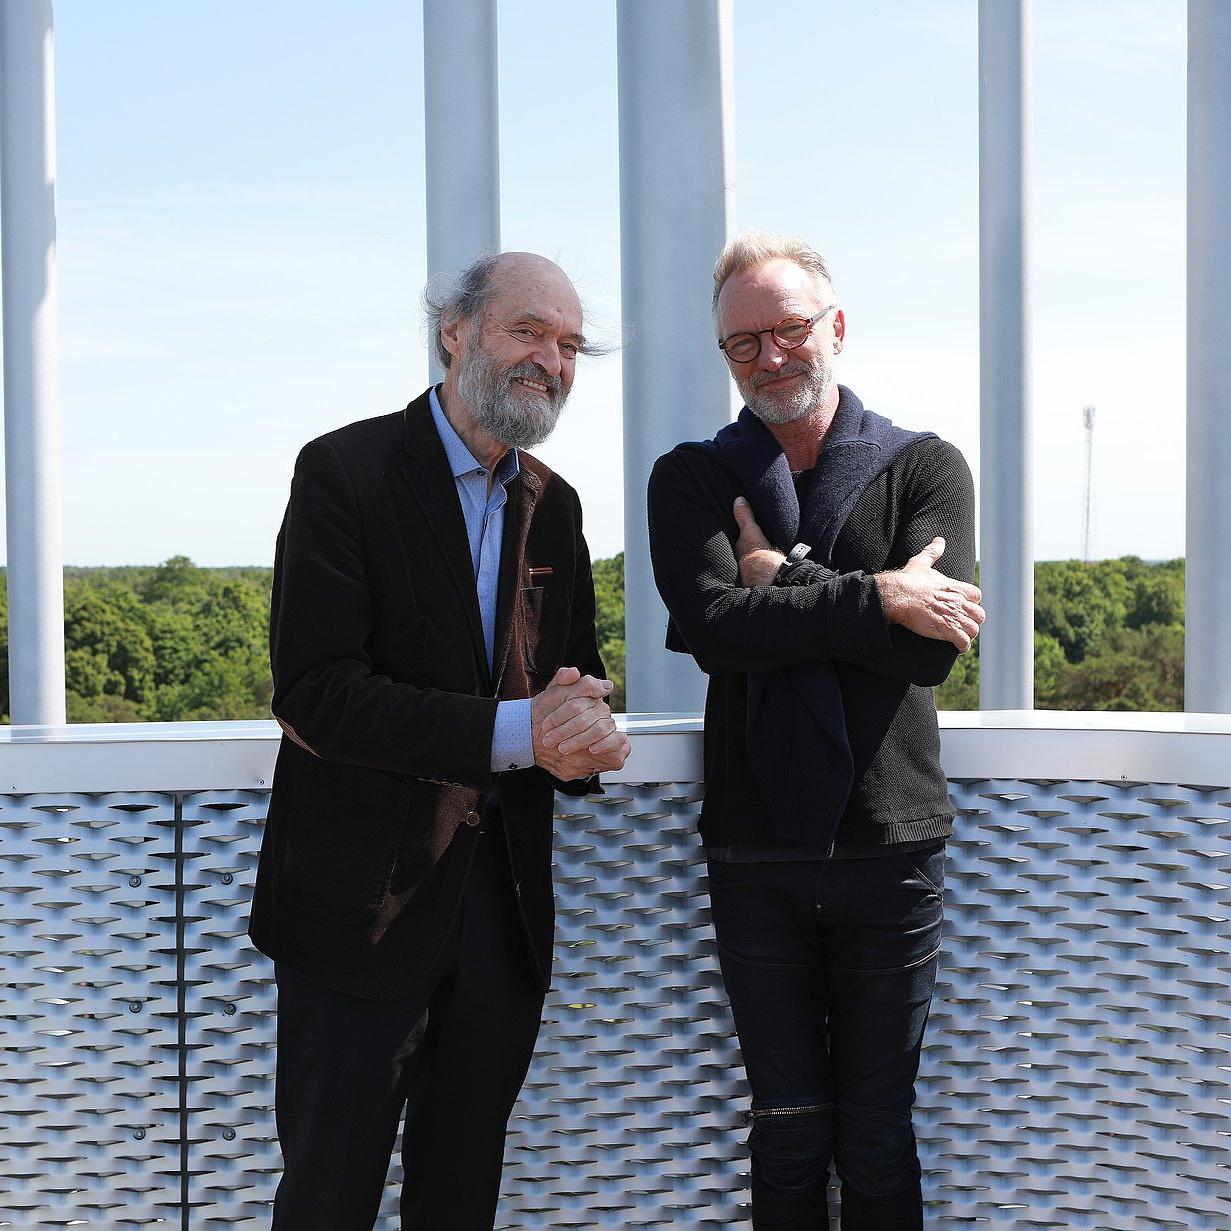 Zenetörténeti pillanat: Arvo Pärt és Sting találkoztak